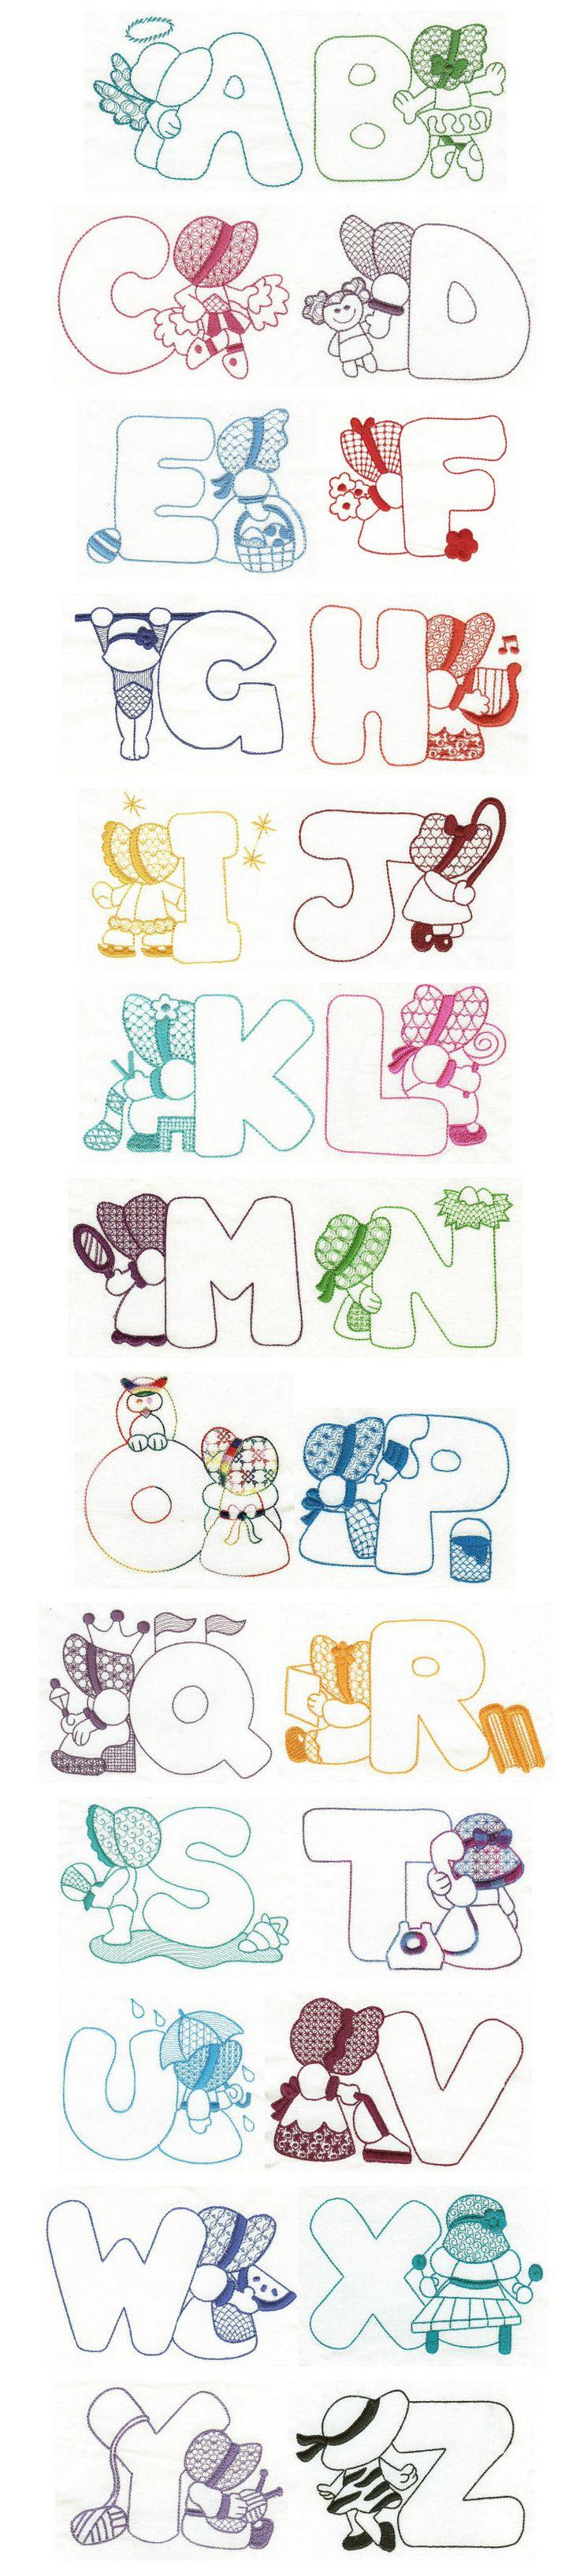 |letras